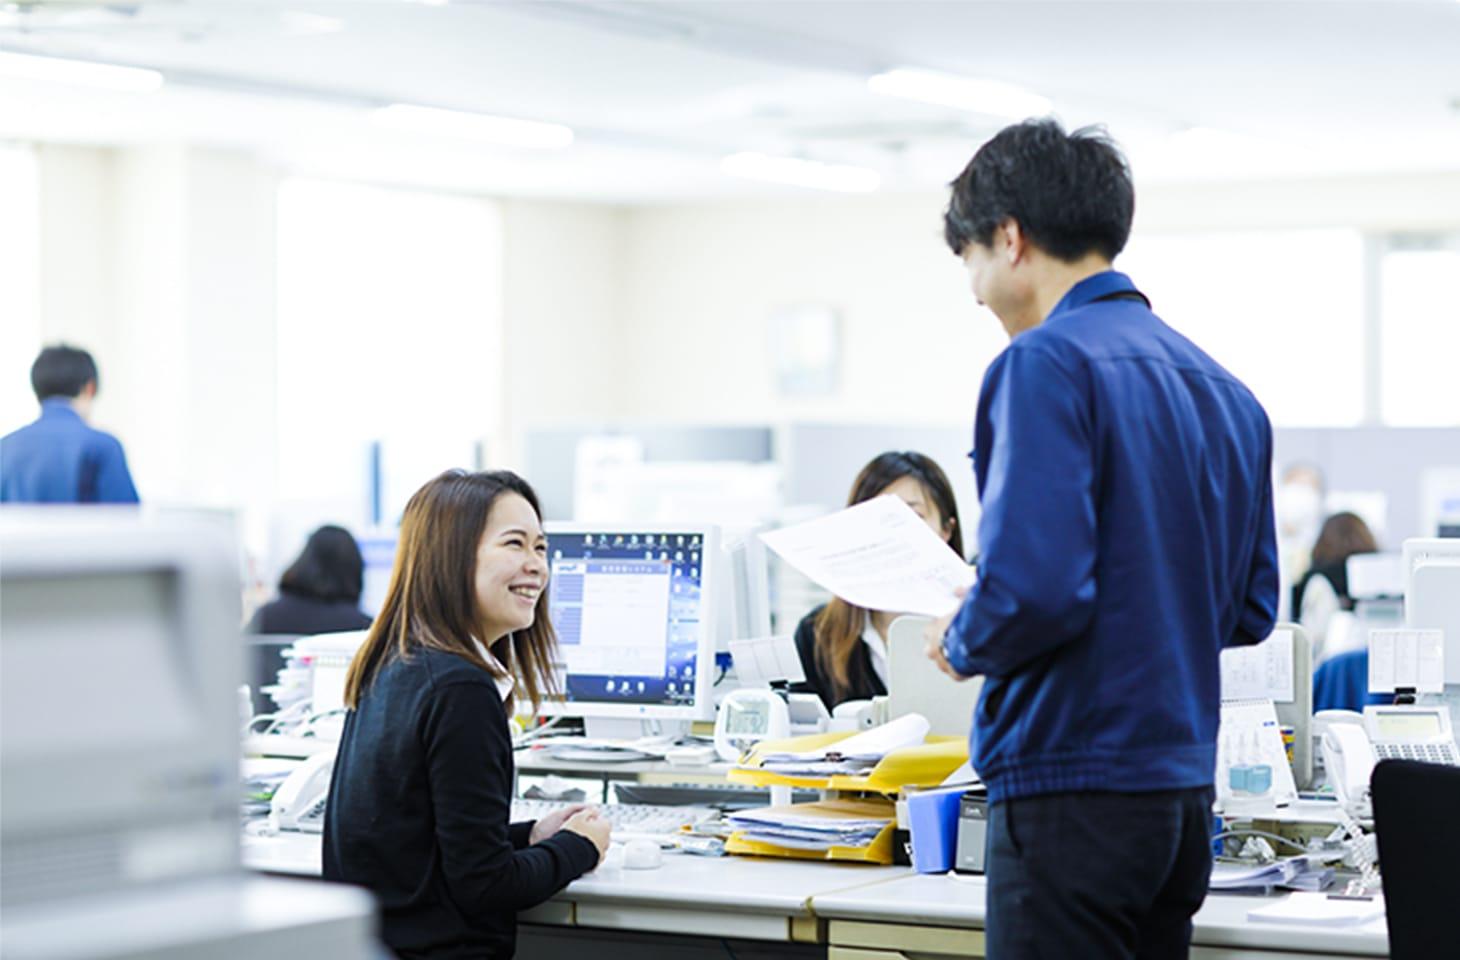 小松鋼機株式会社の内観画像